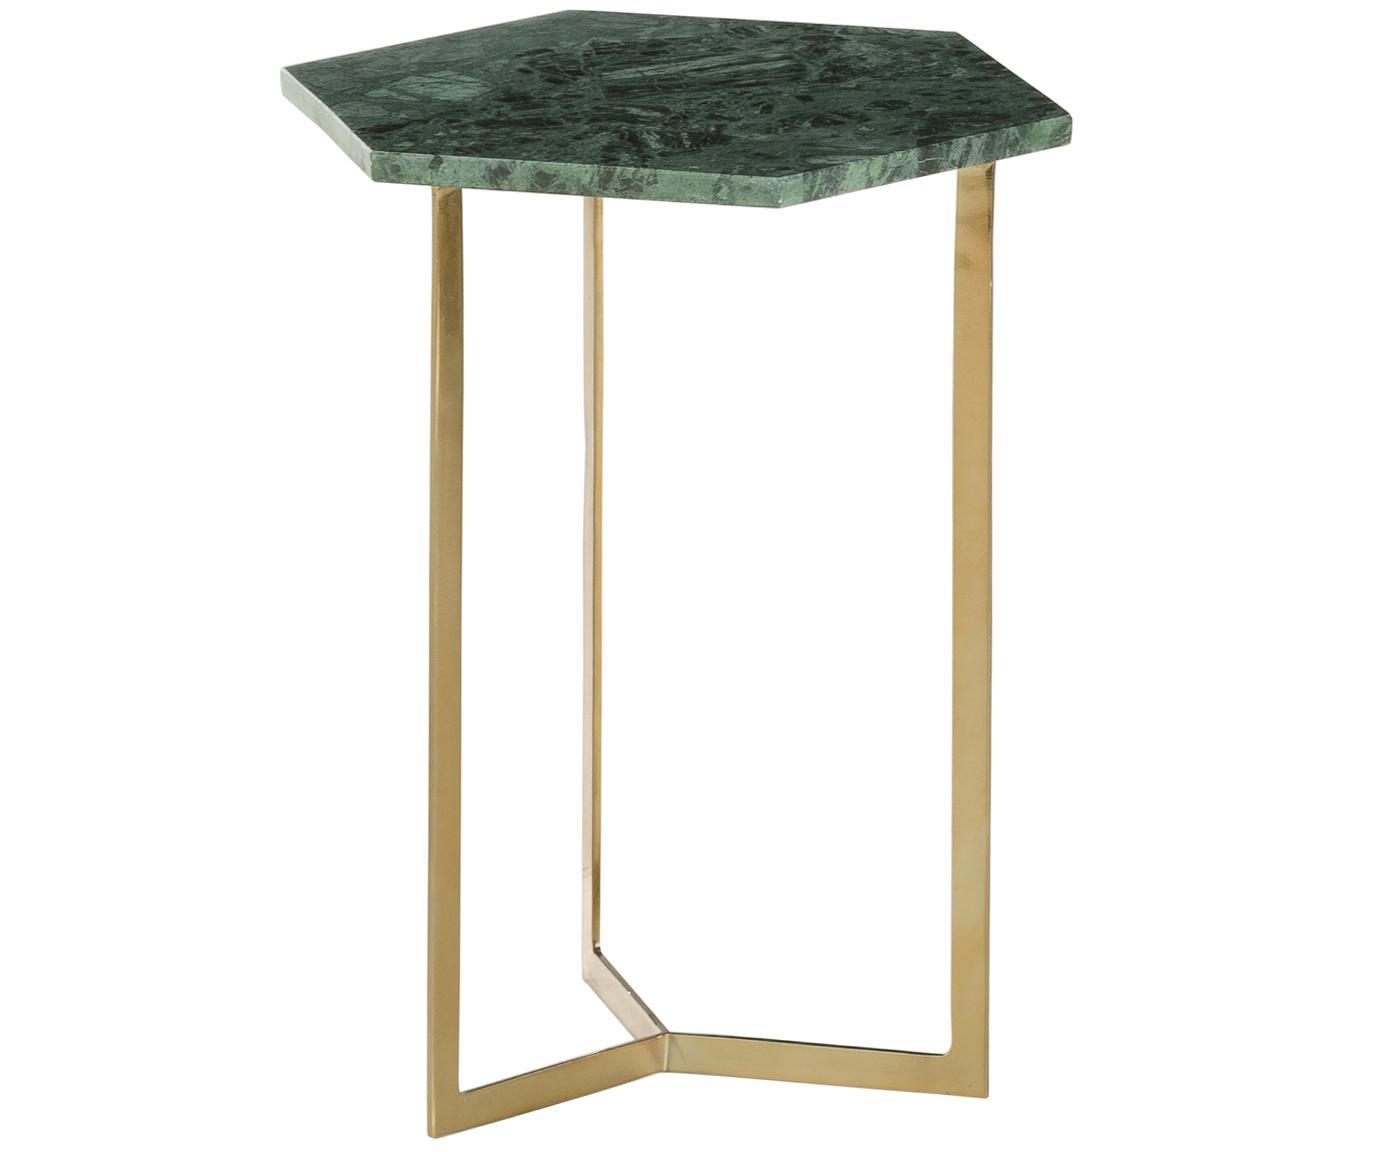 Marmeren bijzettafel Vince, Tafelblad: marmer, Frame: gecoat metaal, Tafelblad: groen marmer. Frame: goudkleurig, glanzend, 40 x 50 cm